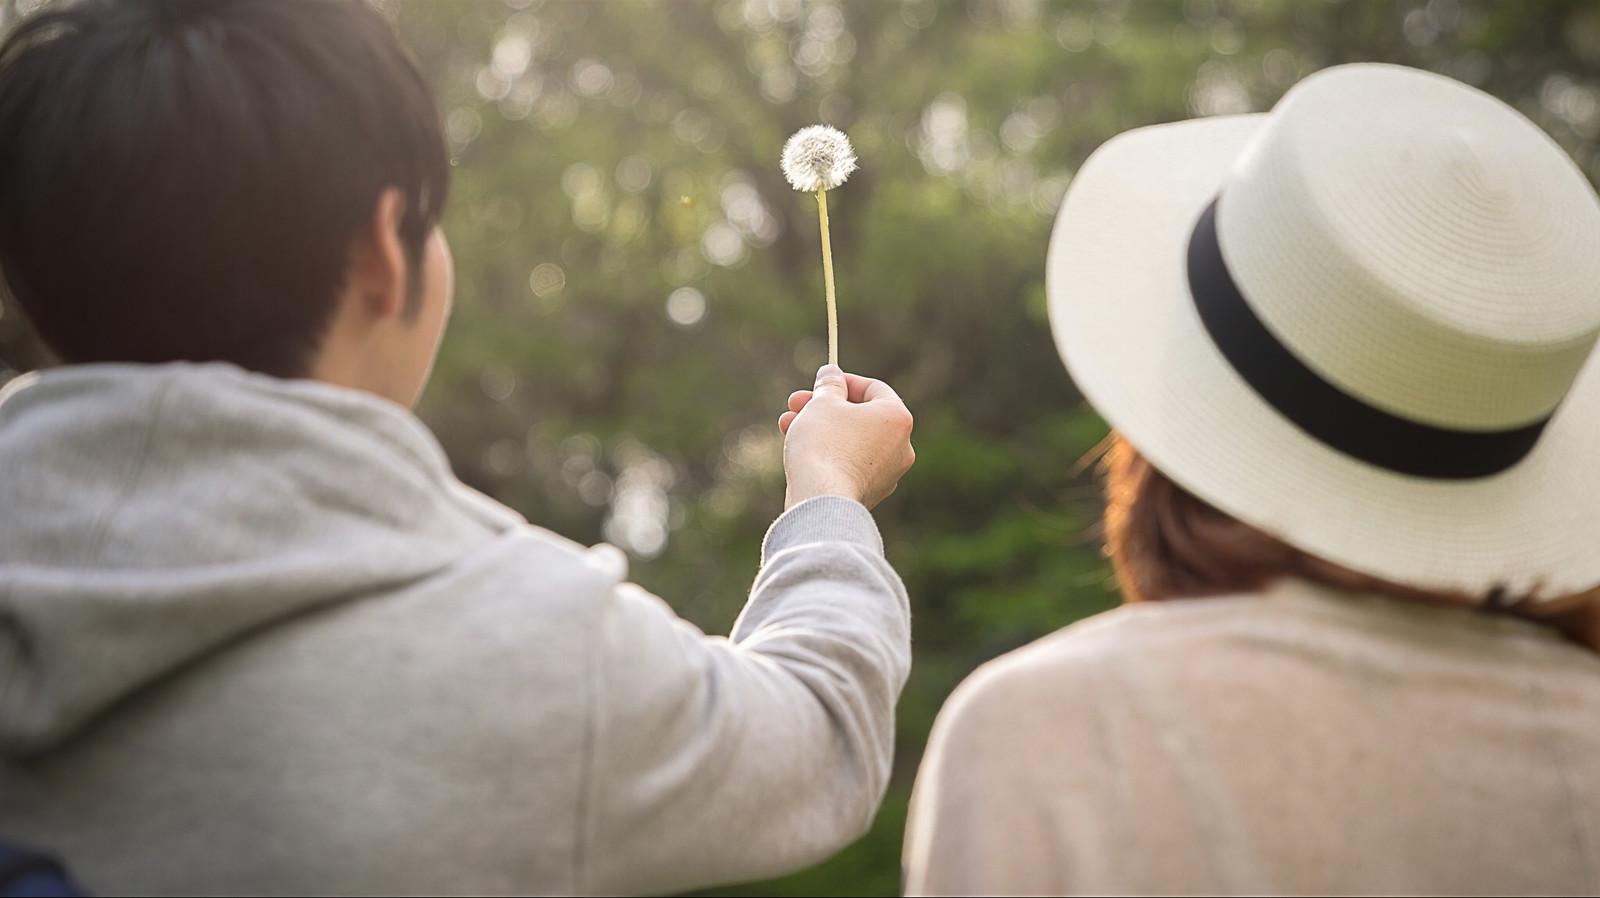 付き合う前の初デートを成功させるために男がやるべきこととは?